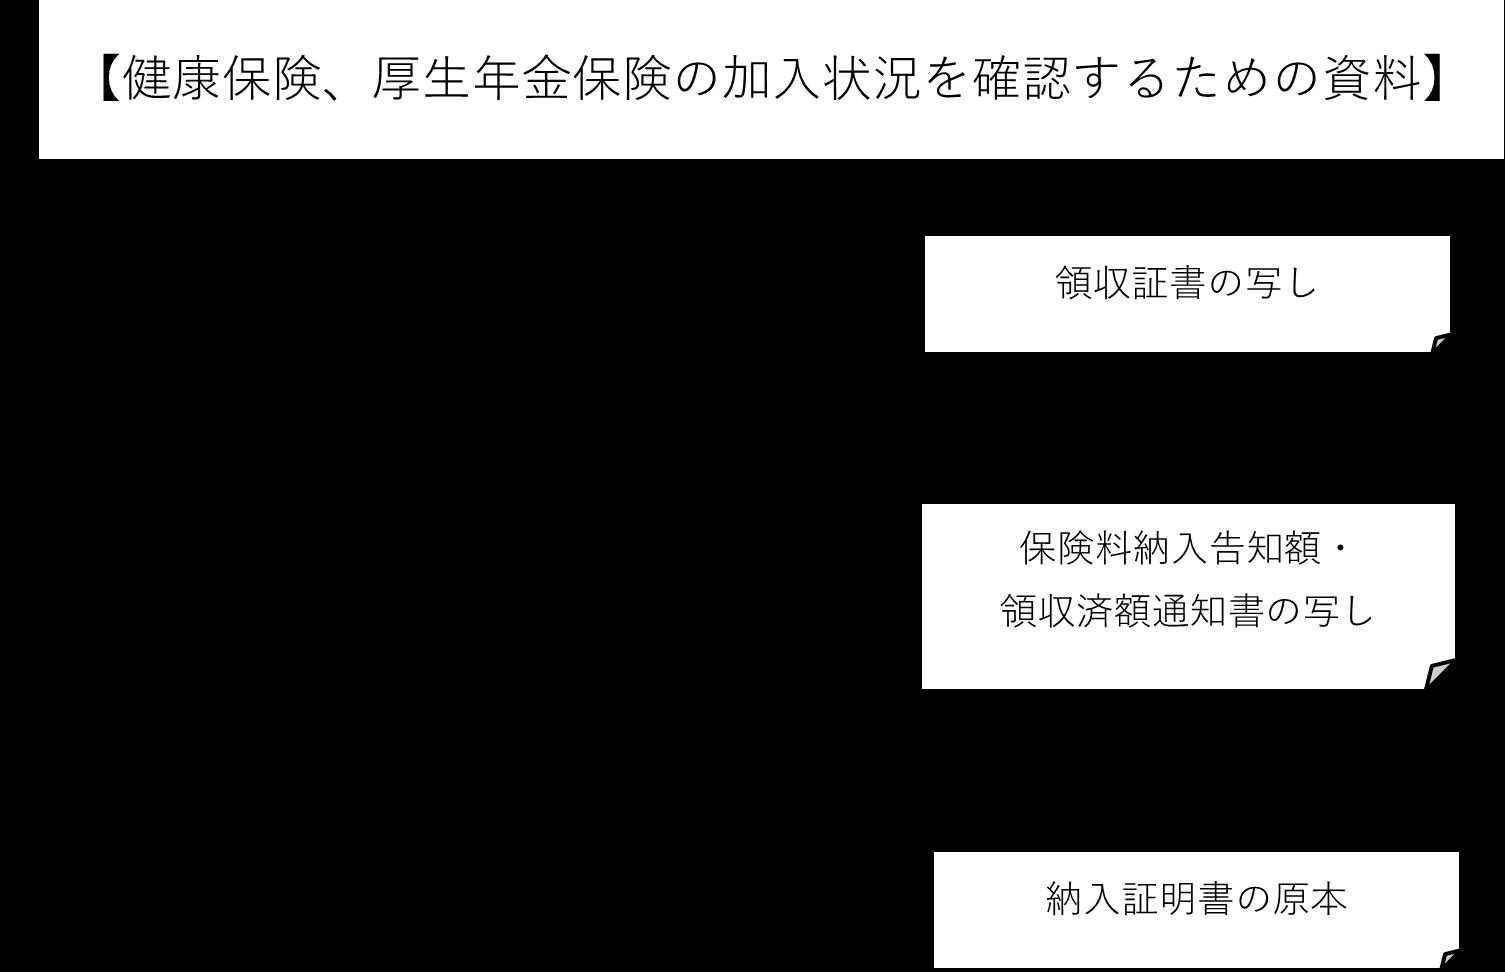 syakaihoken_6